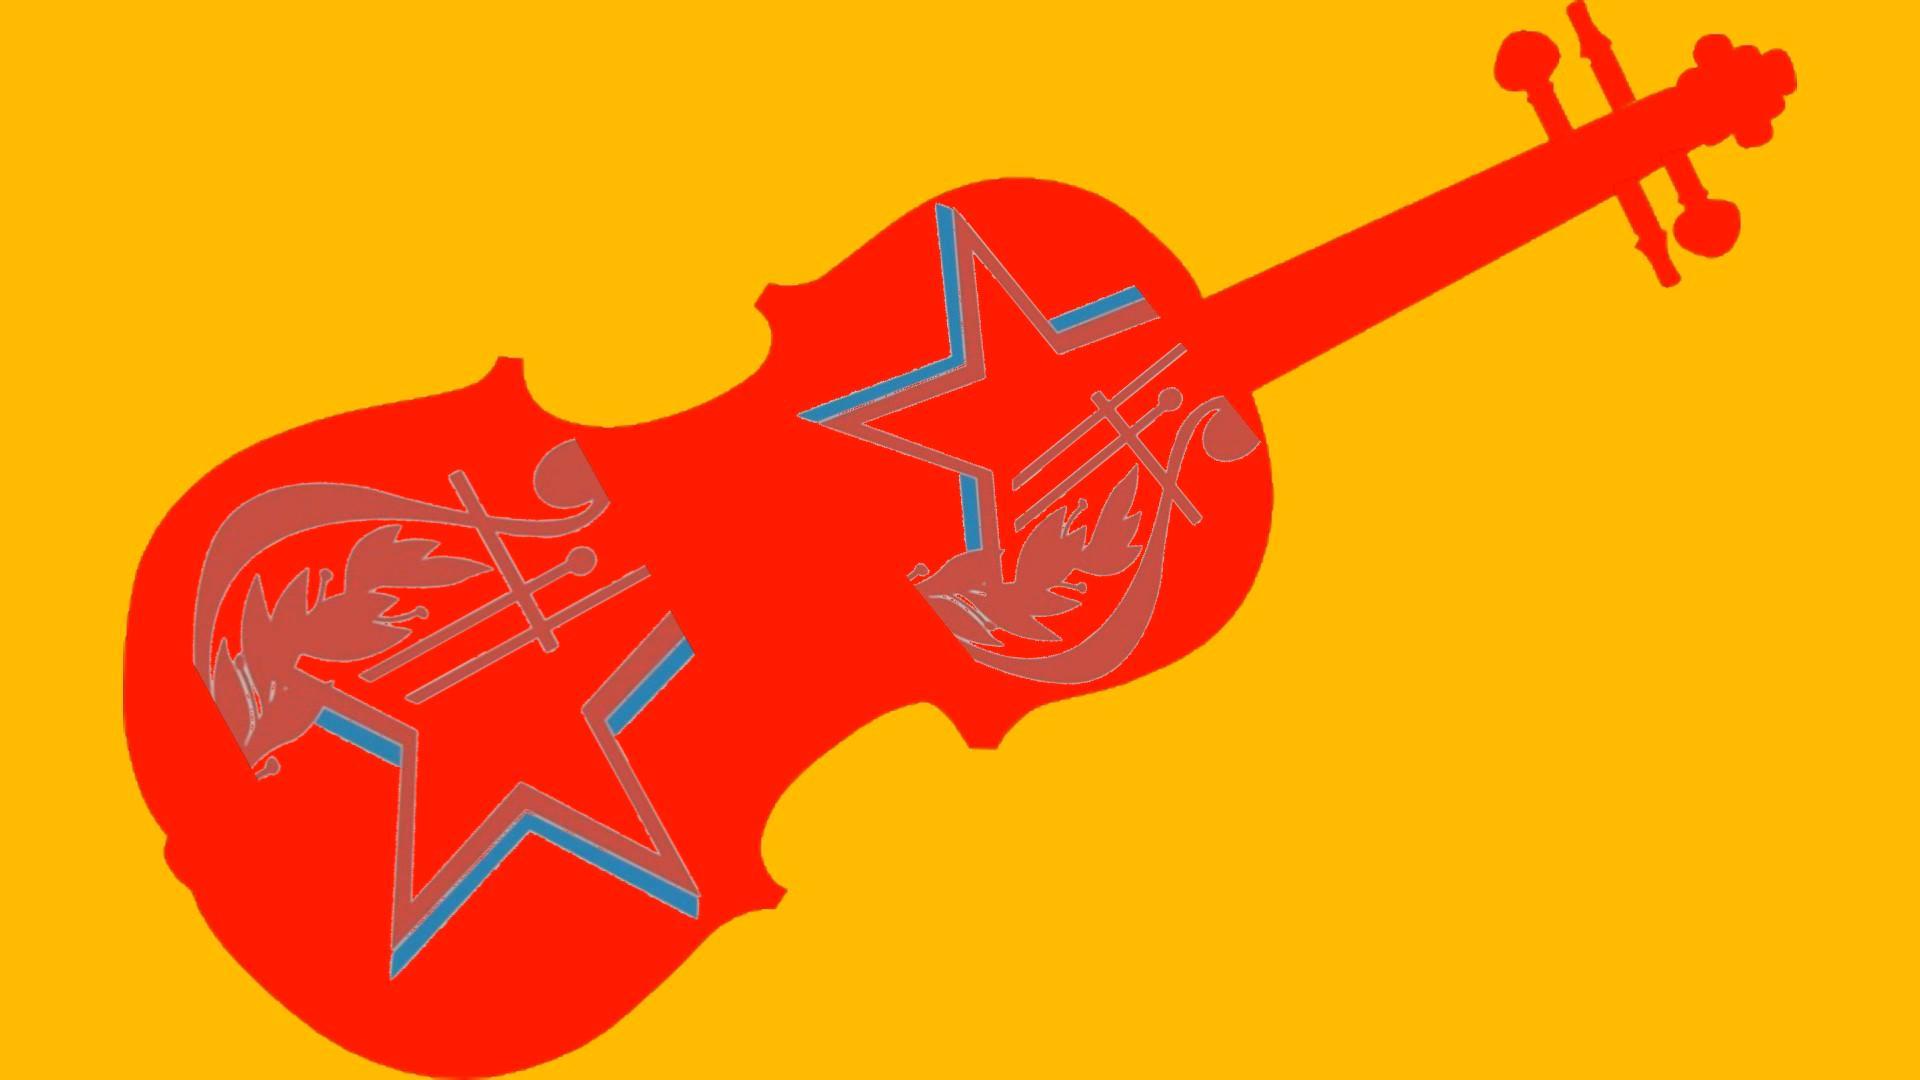 Звуки музыки (скрипка)